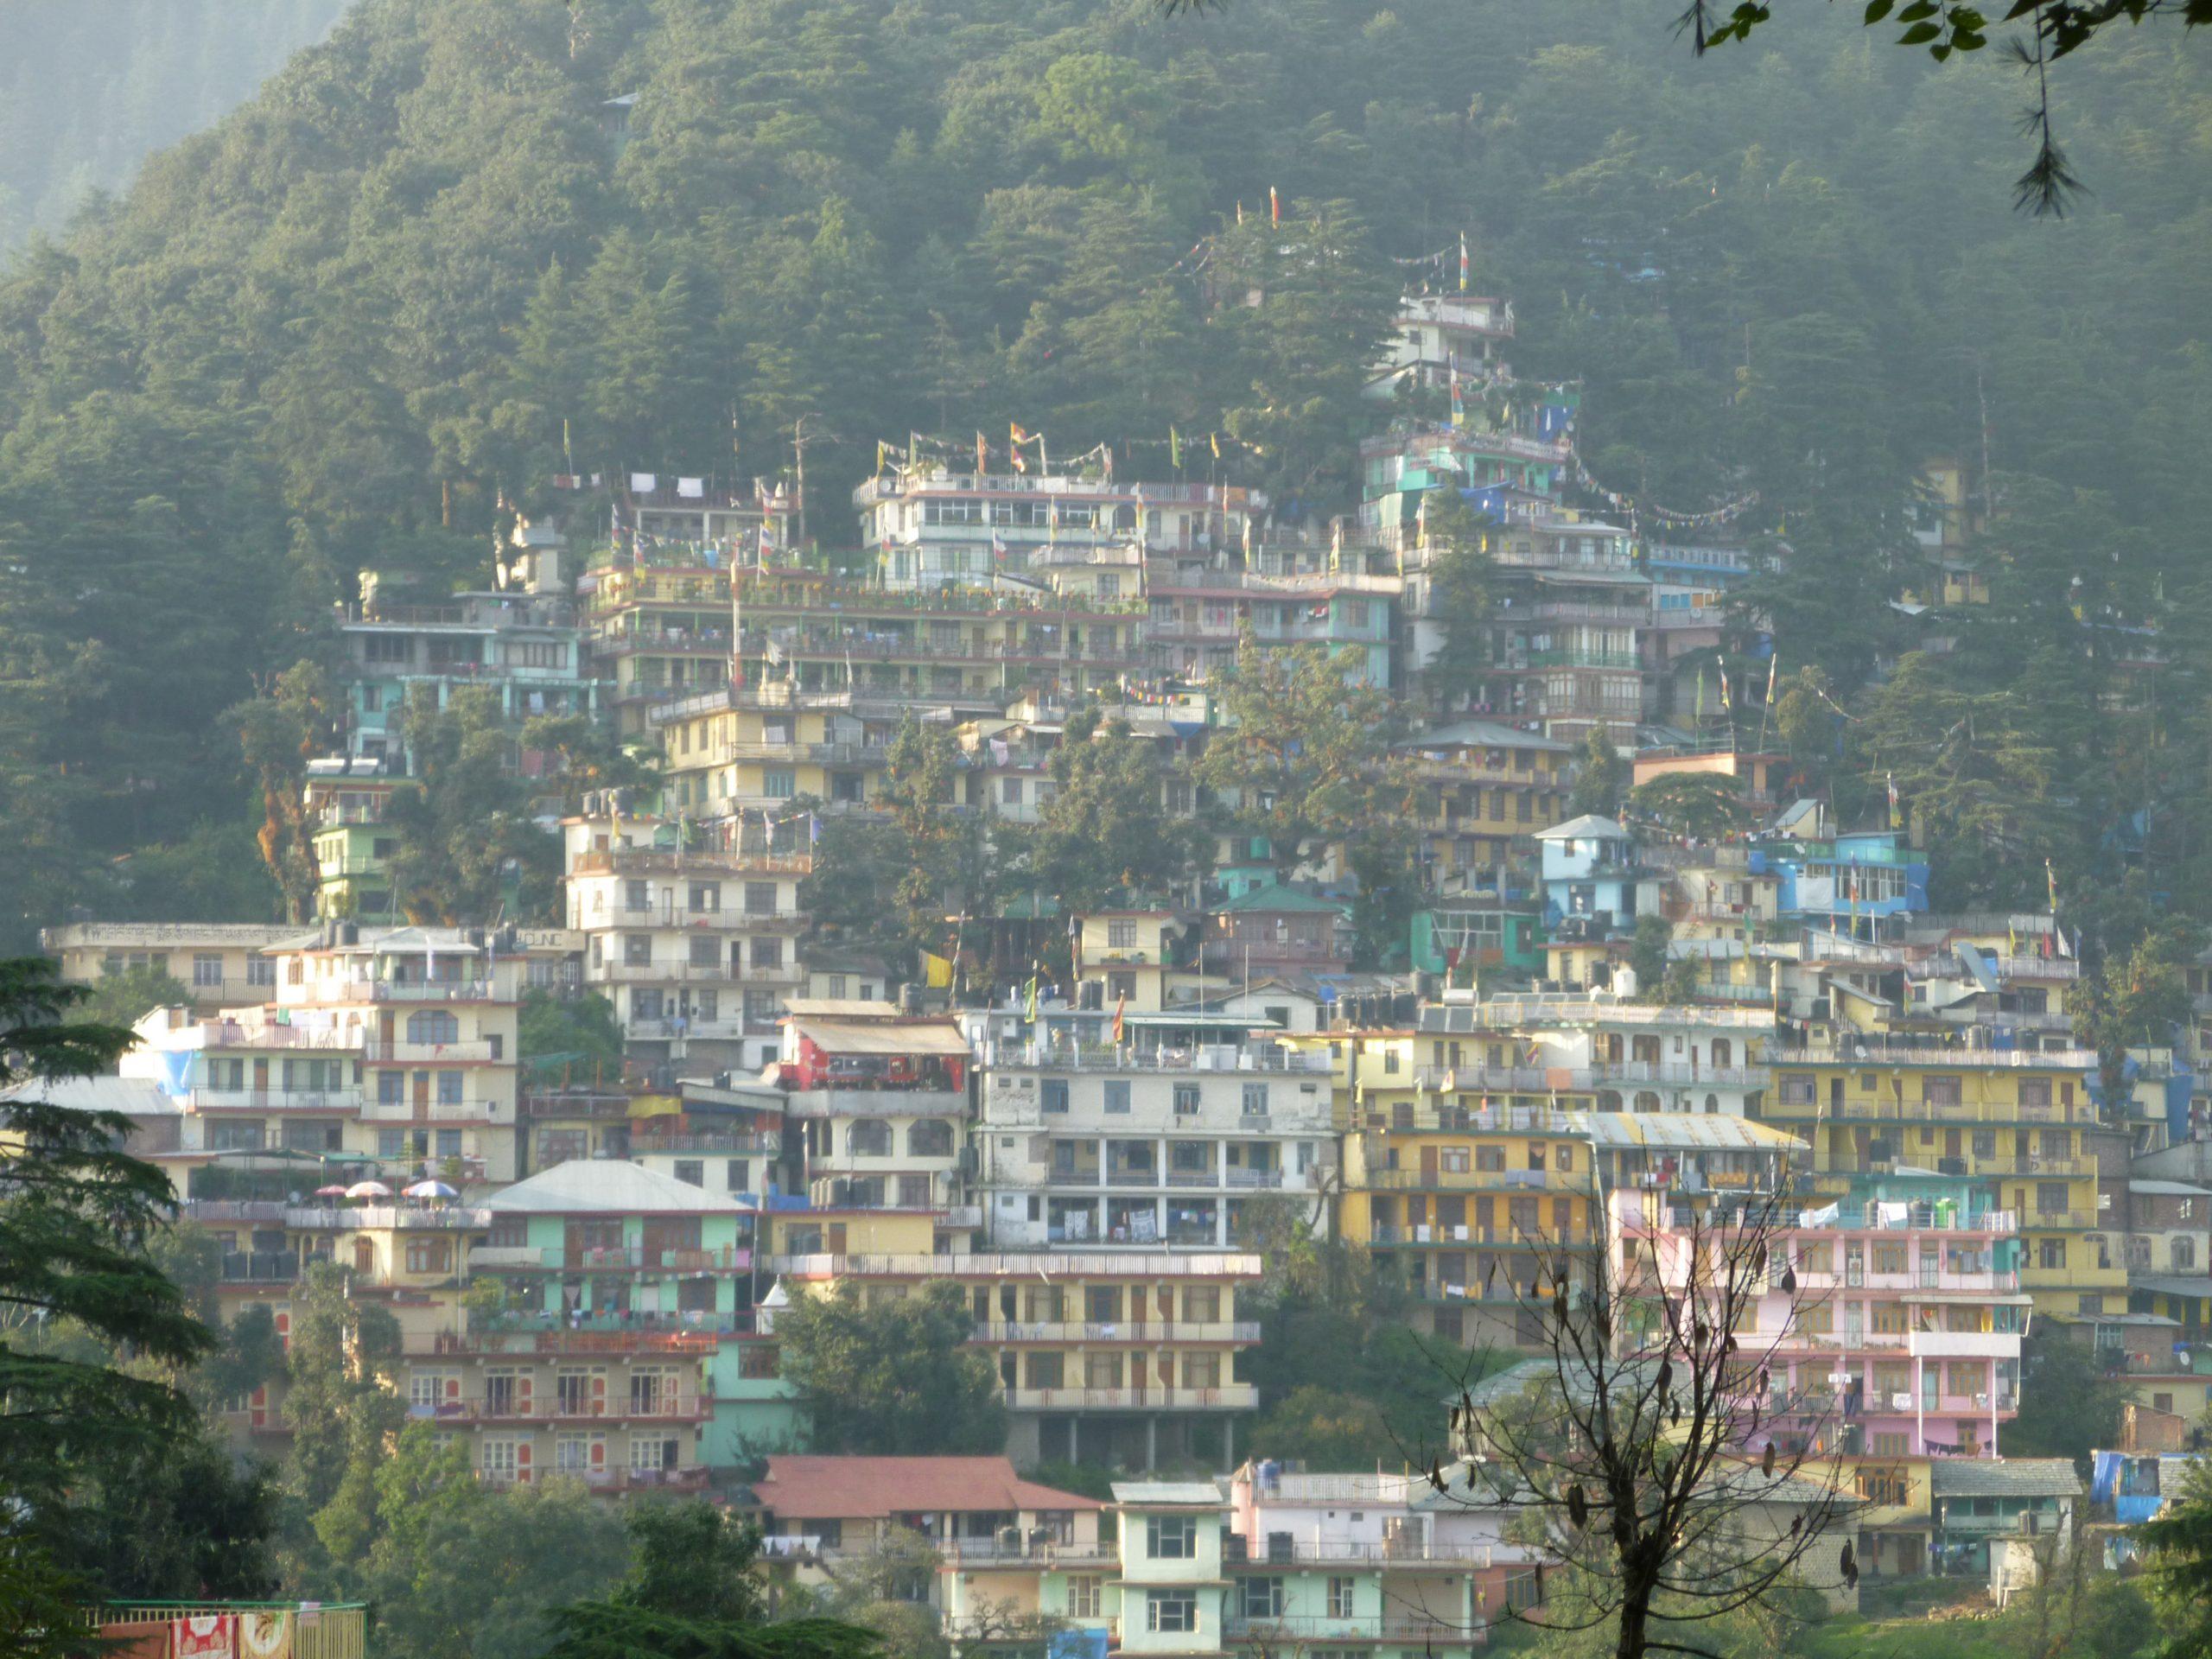 Radreise Ladakh 2012 - Dharamsala - Exil-Home Dalai-Lama